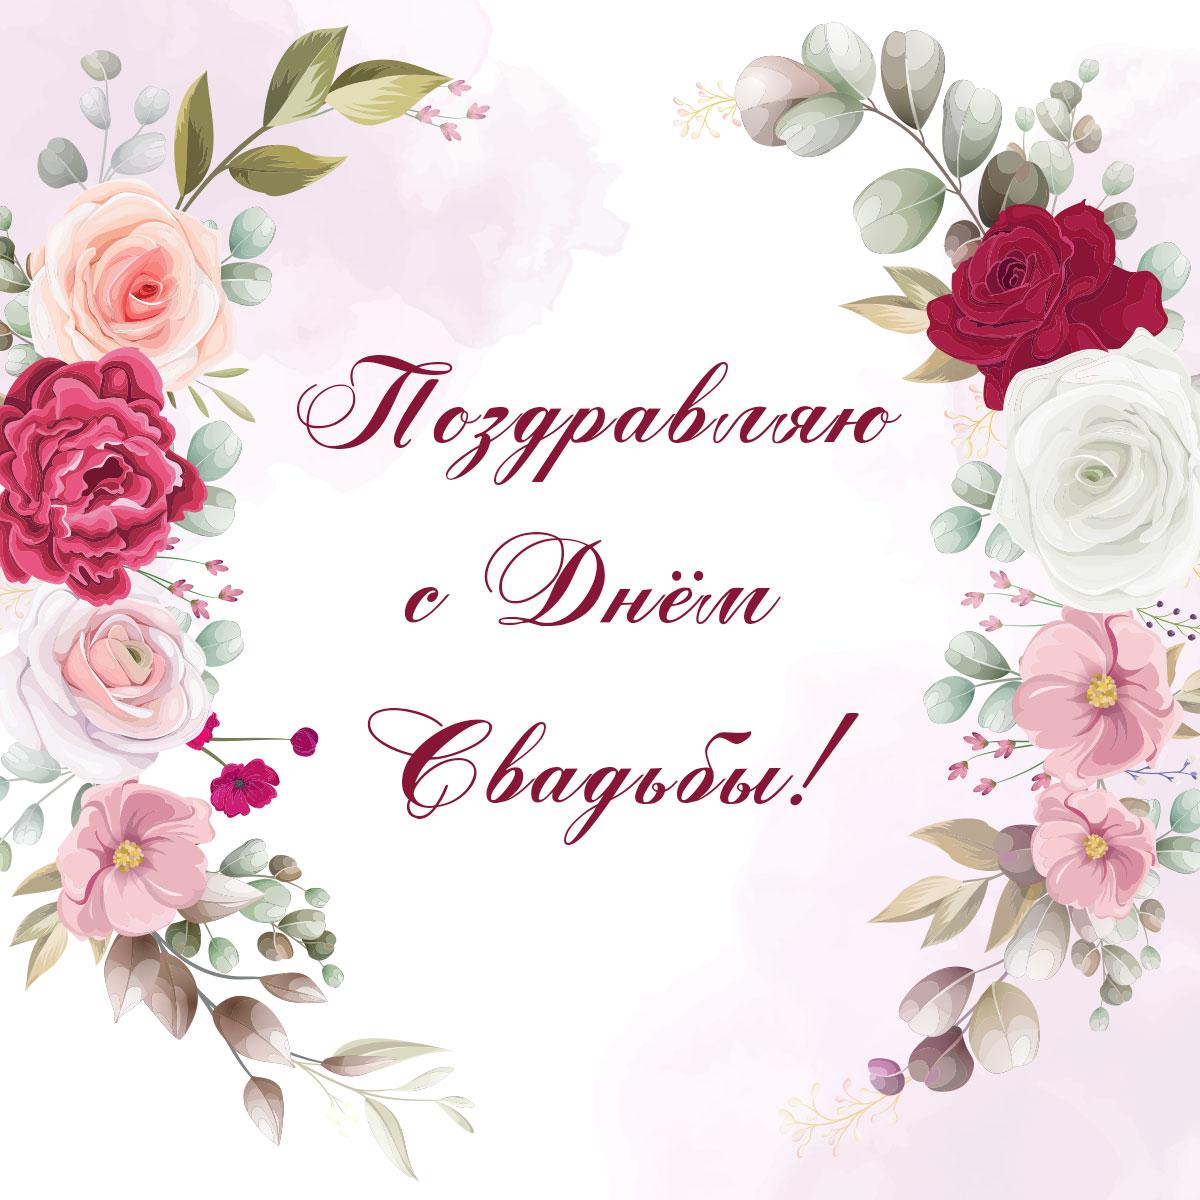 Картинка с текстом поздравляю с днем свадьбы с растениями и садовыми розами на пастельном фоне.